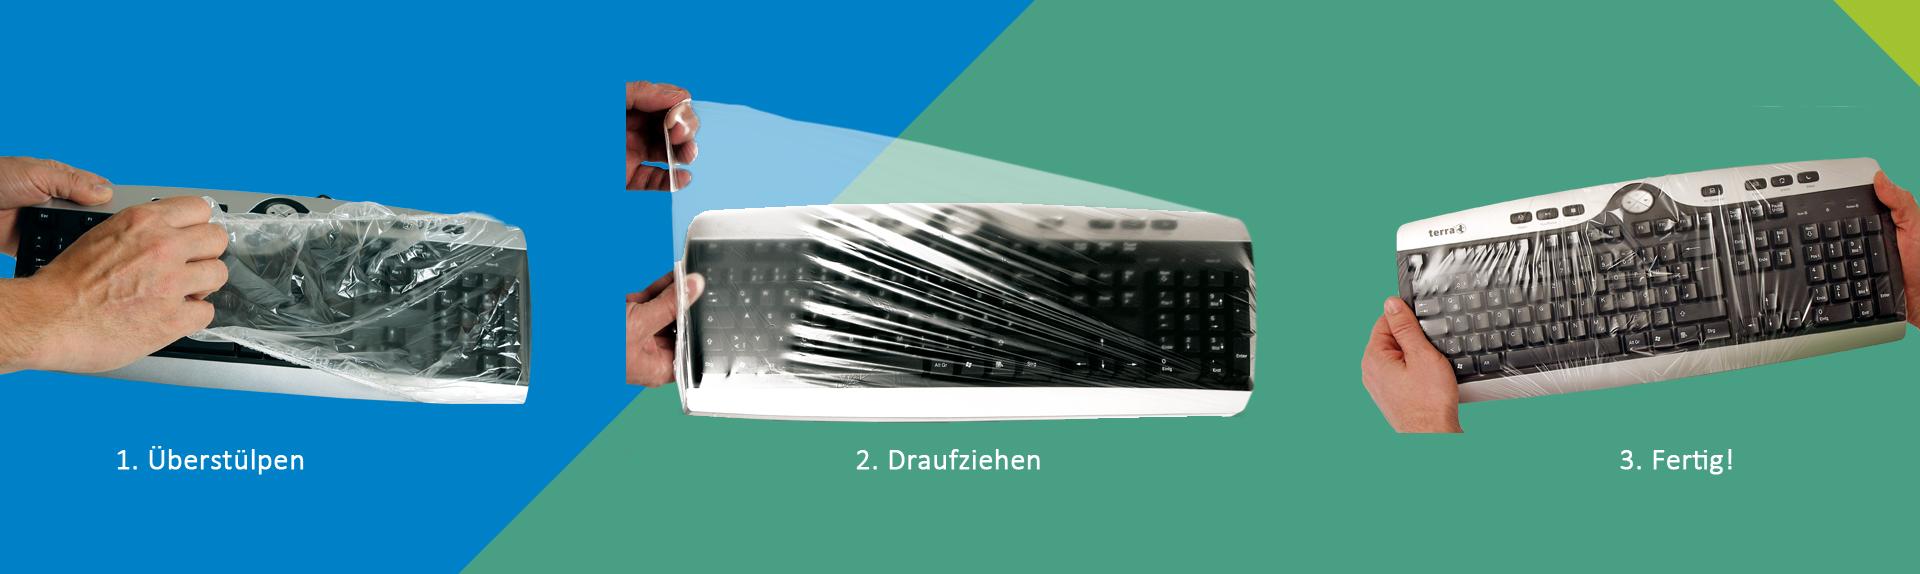 Anwendung der Tastatur Schutzfolie UNI FLEX